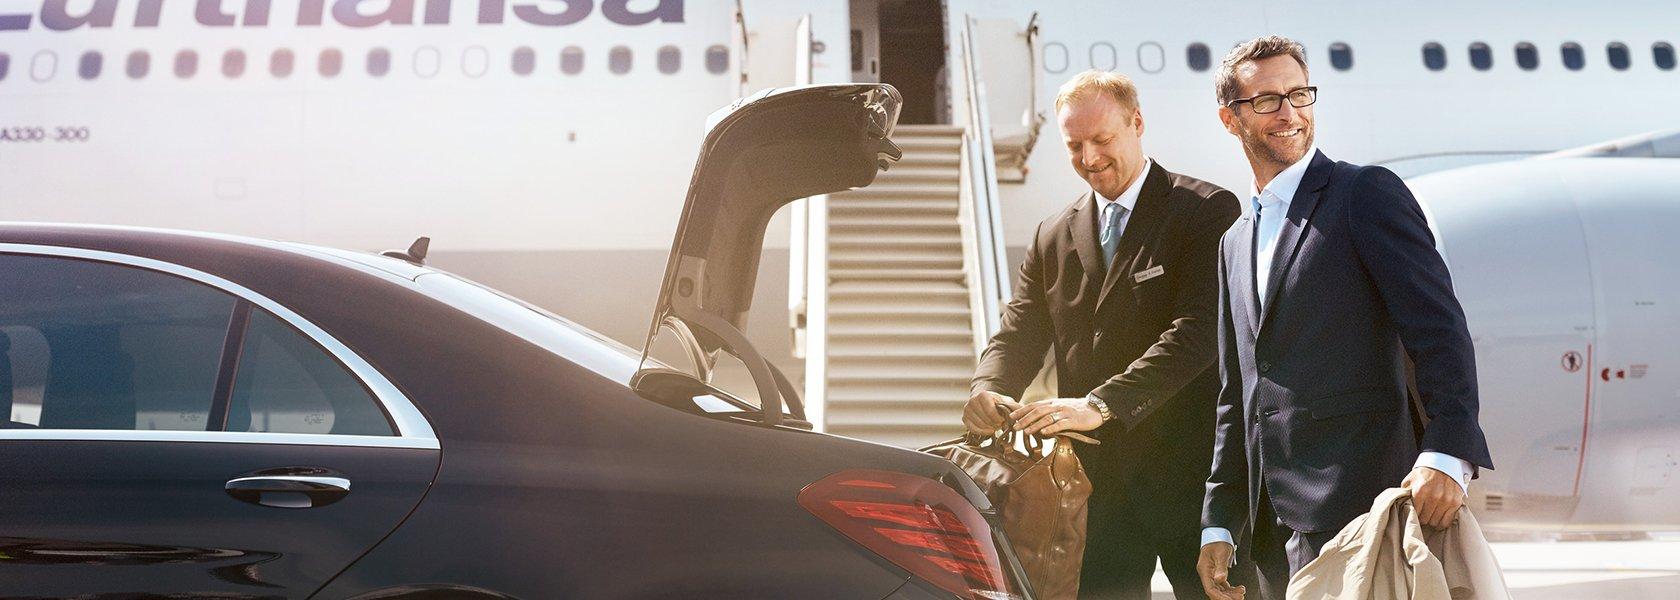 Lufthansa First Class Limousine Service